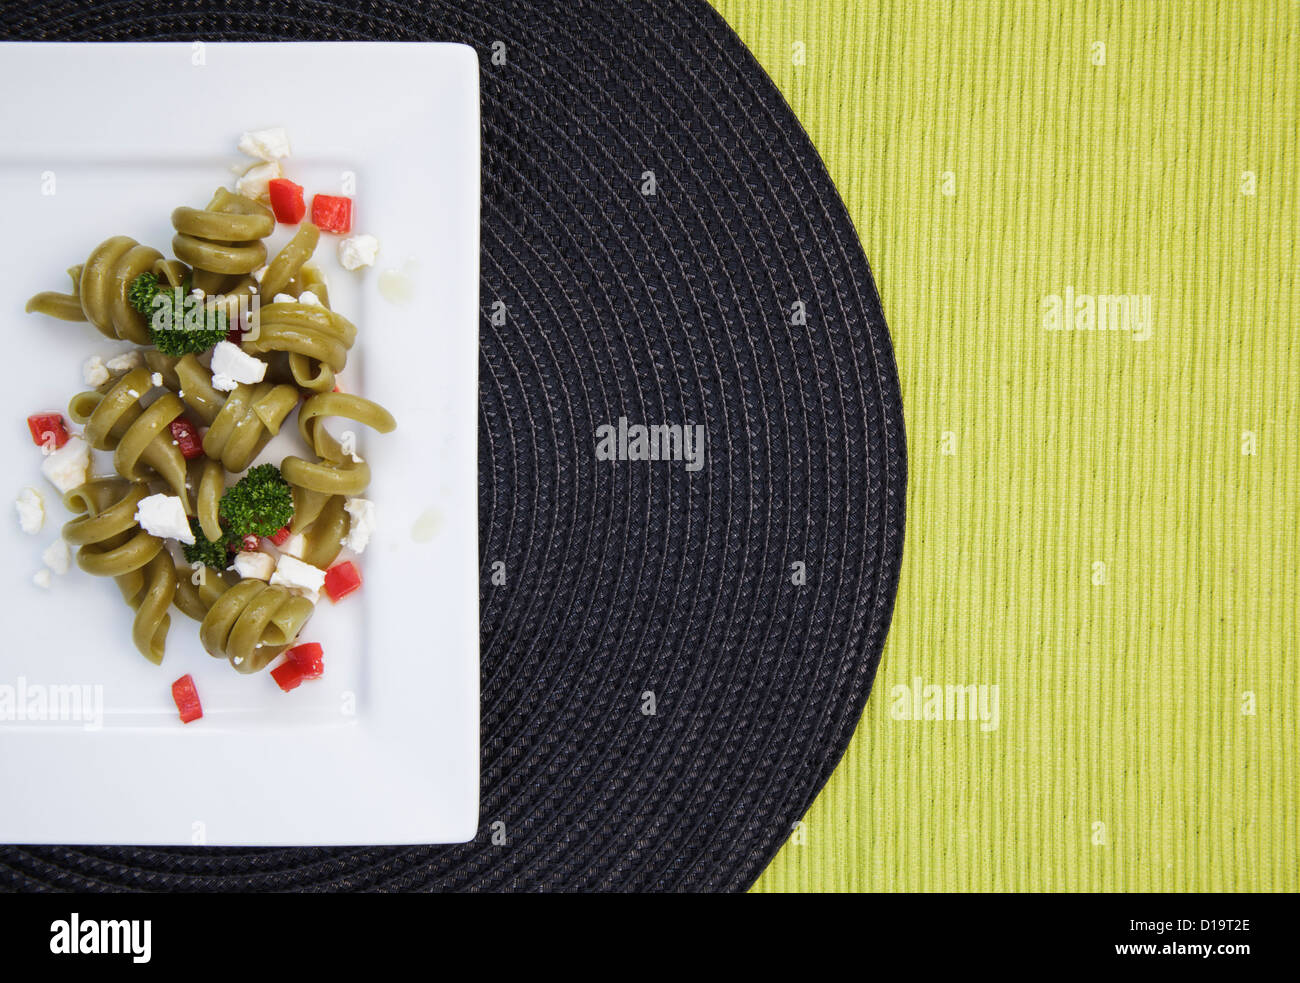 Spinat Trottole Nudelsalat auf quadratische weiße Teller Stockfoto